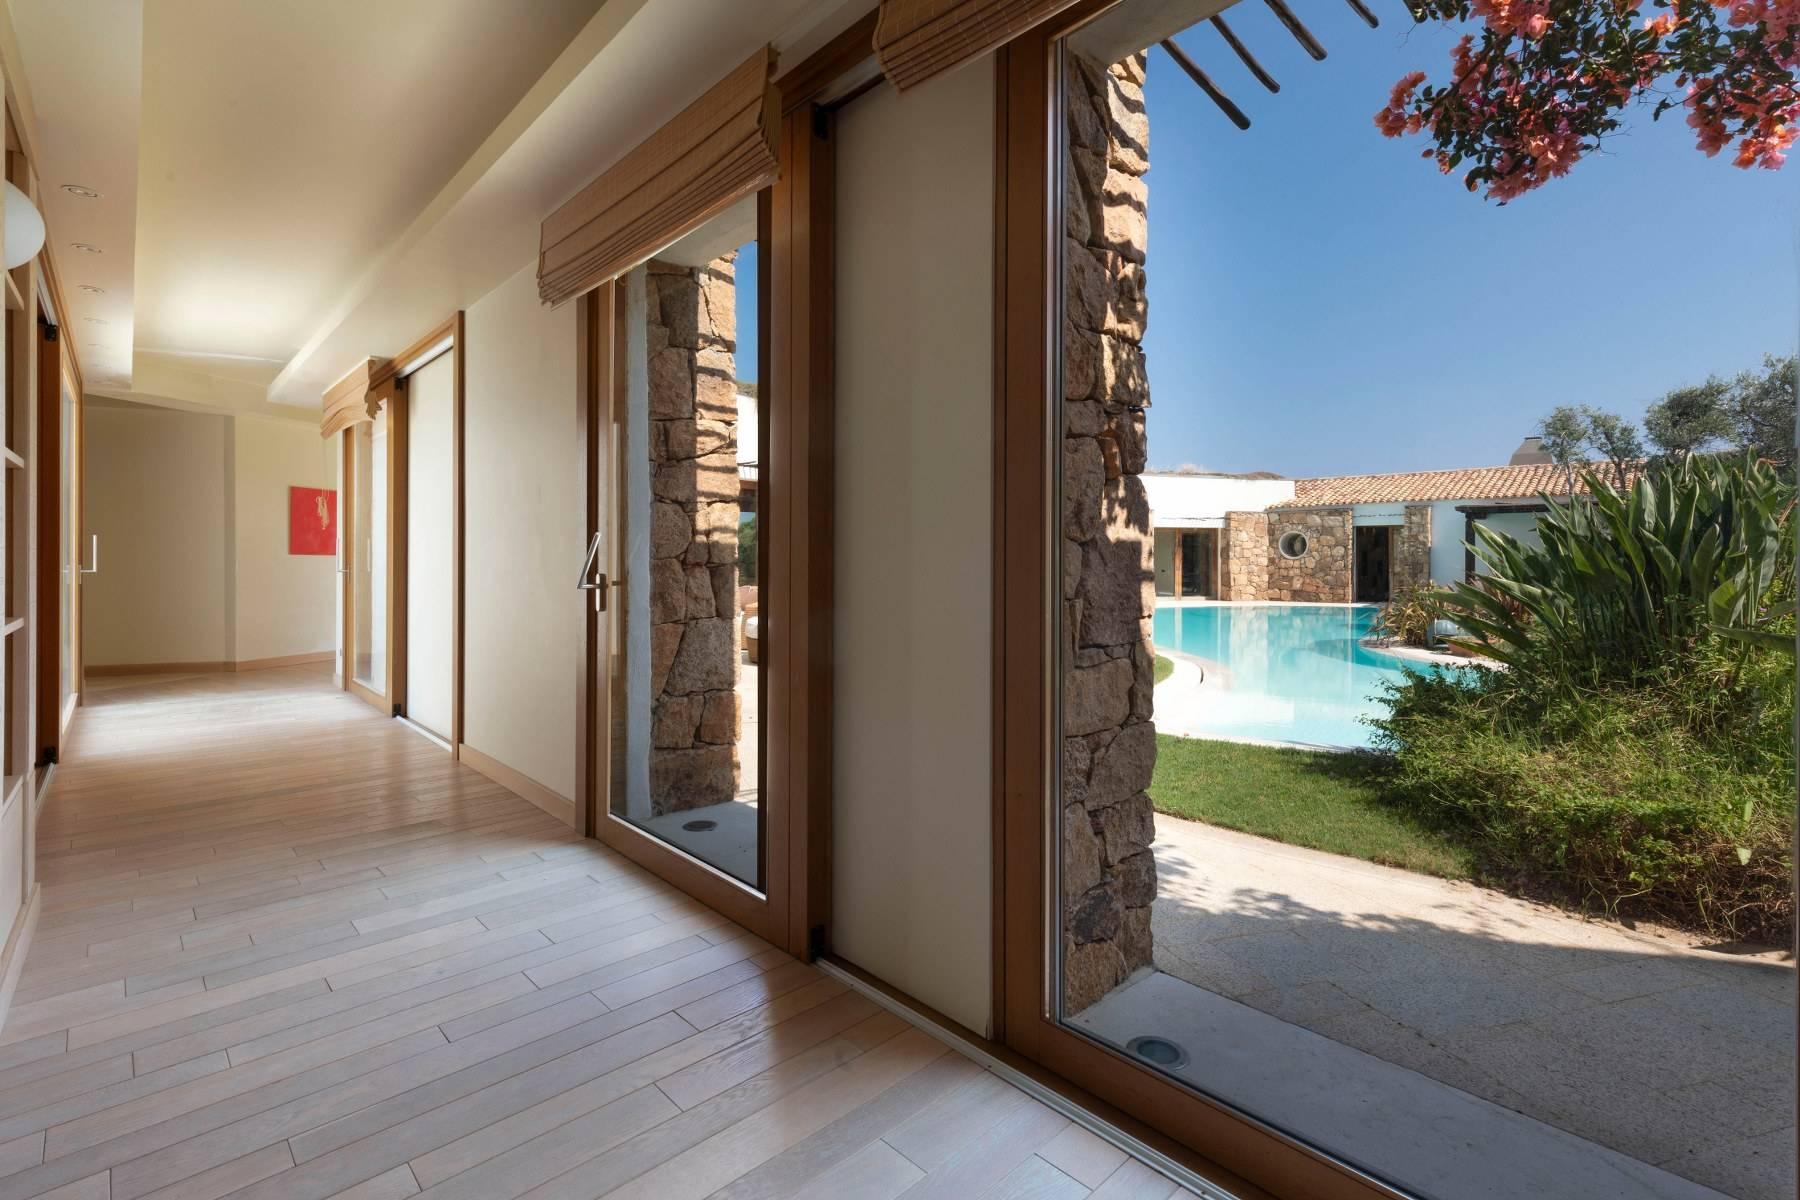 Villa in Vendita a Arzachena: 5 locali, 975 mq - Foto 26